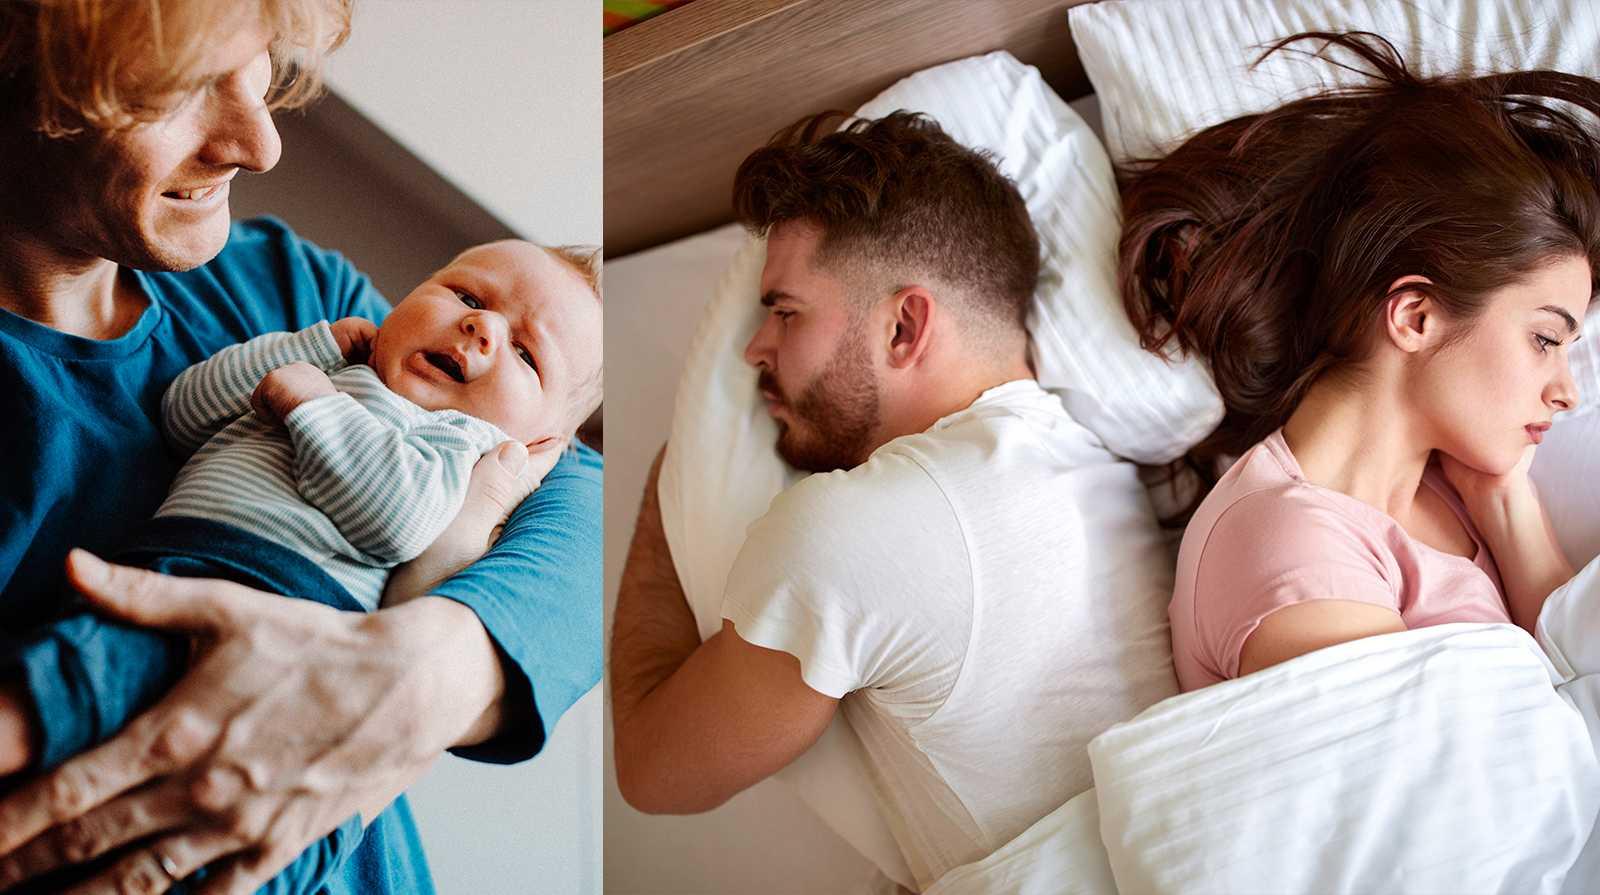 Sämre för relationen om pappor inte tar ut sin föräldraledighet, enligt studie.